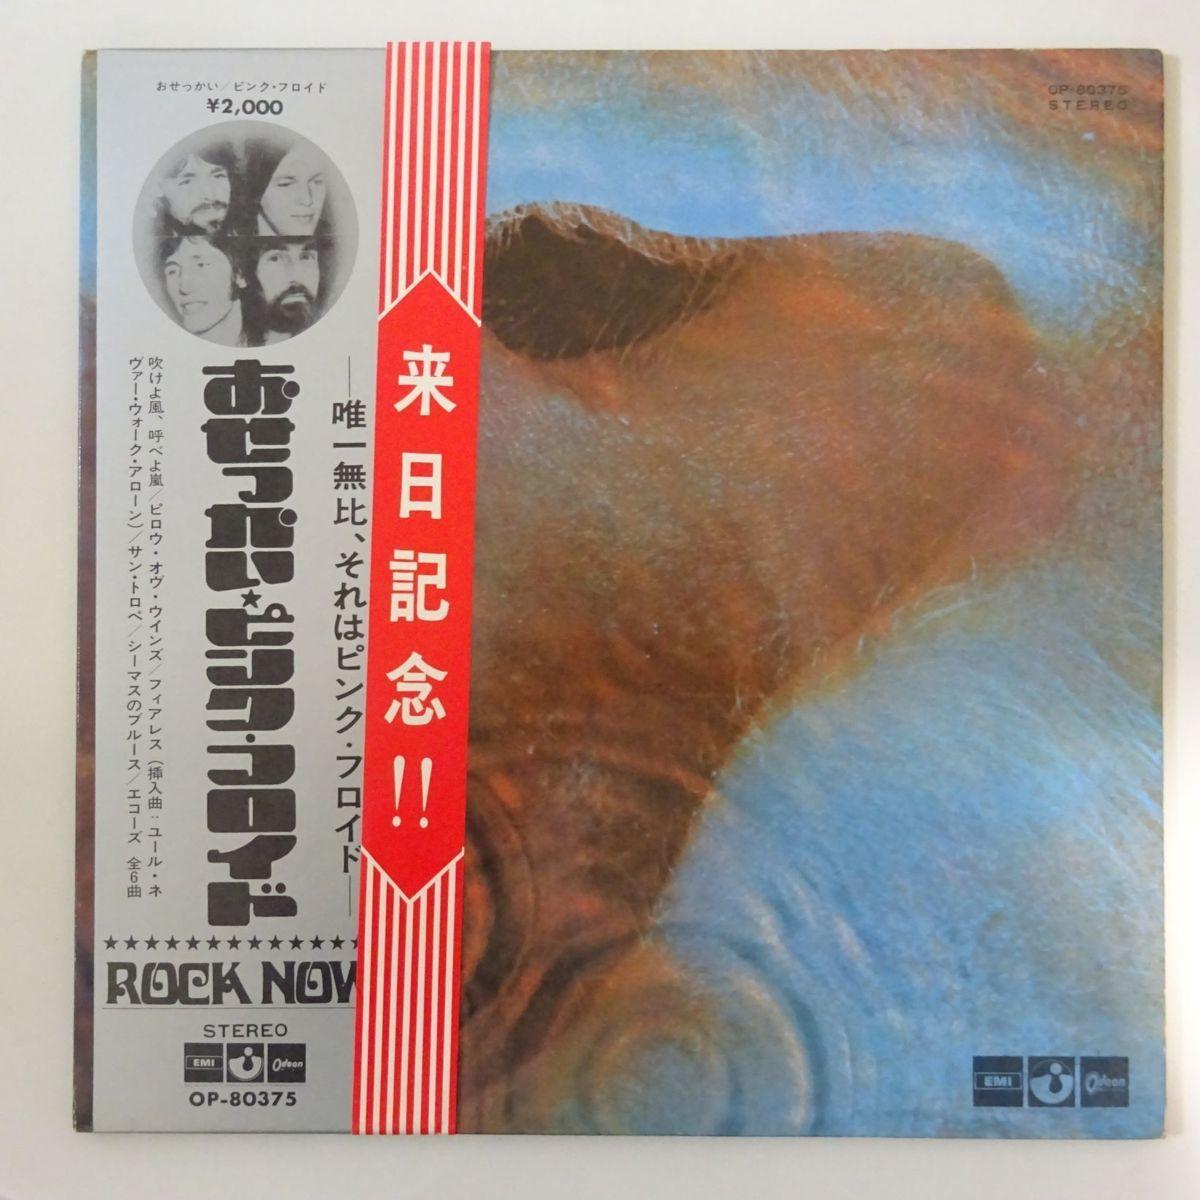 13032133;【ROCK NOW帯+来日記念帯/OP規格】Pink Floyd / Meddle おせっかい_画像1